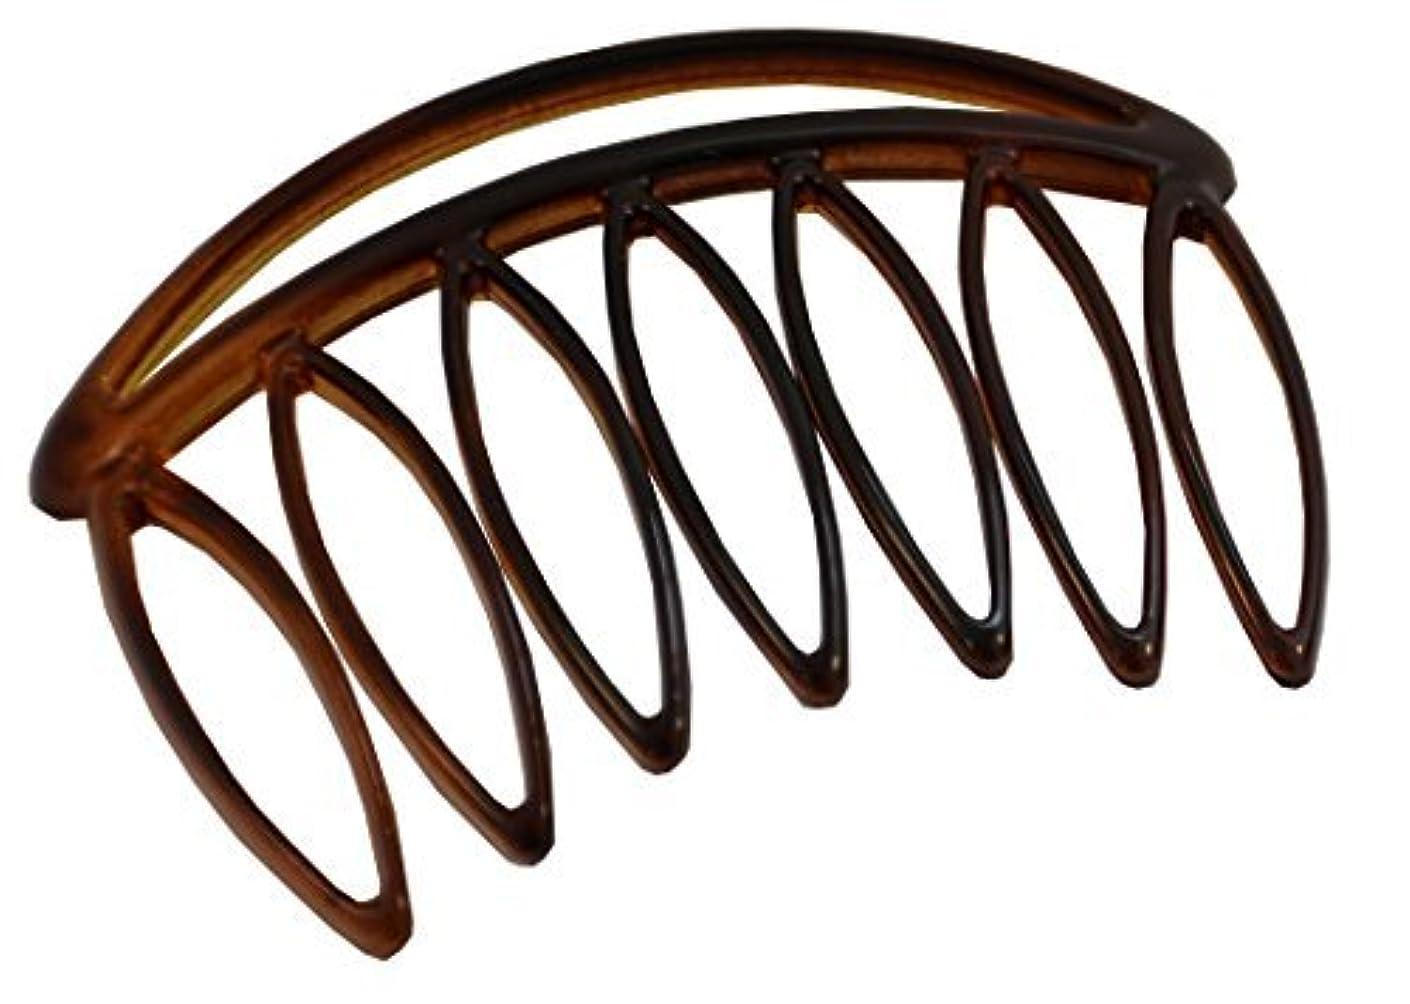 勤勉人工時間厳守Parcelona French Swift Large 7 Teeth Celluloid Shell Side Hair Combs (2 Pcs) [並行輸入品]